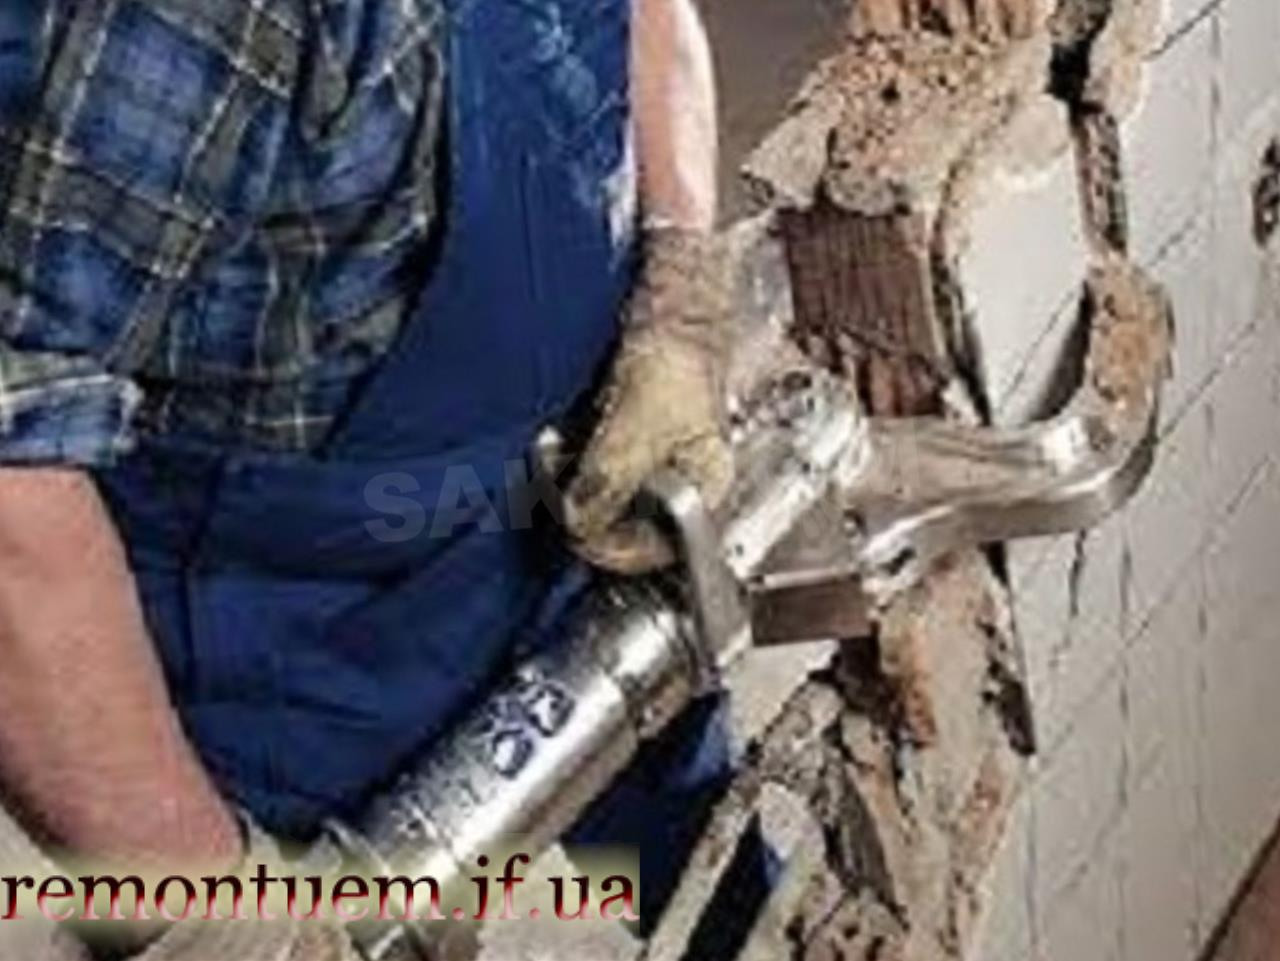 Ціни на демонтажні роботи в Івано-Франківську